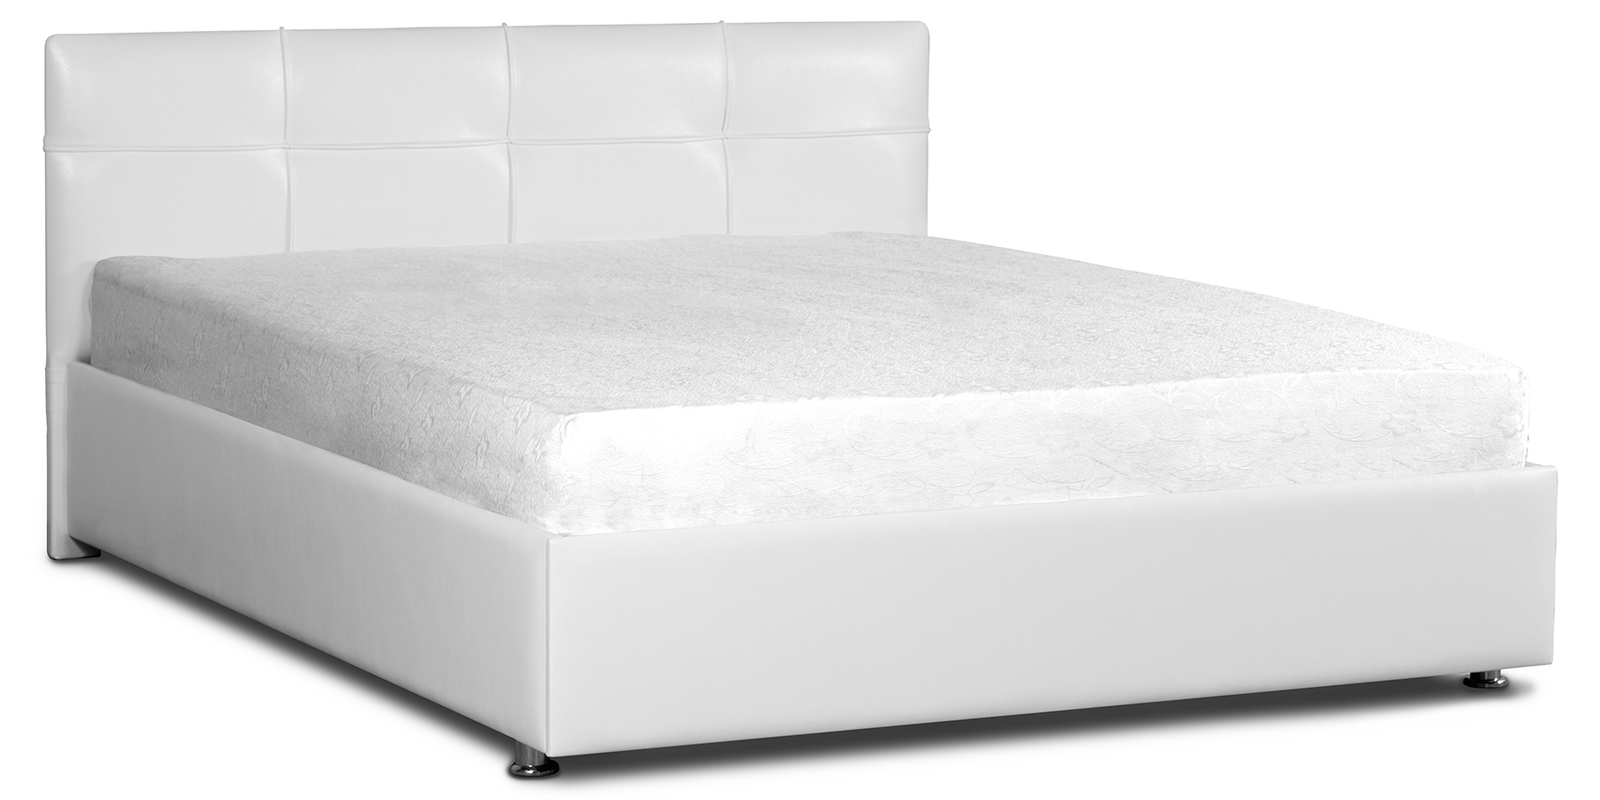 Мягкая кровать 200х160 Малибу вариант №10 с ортопедическим основанием (Белый)